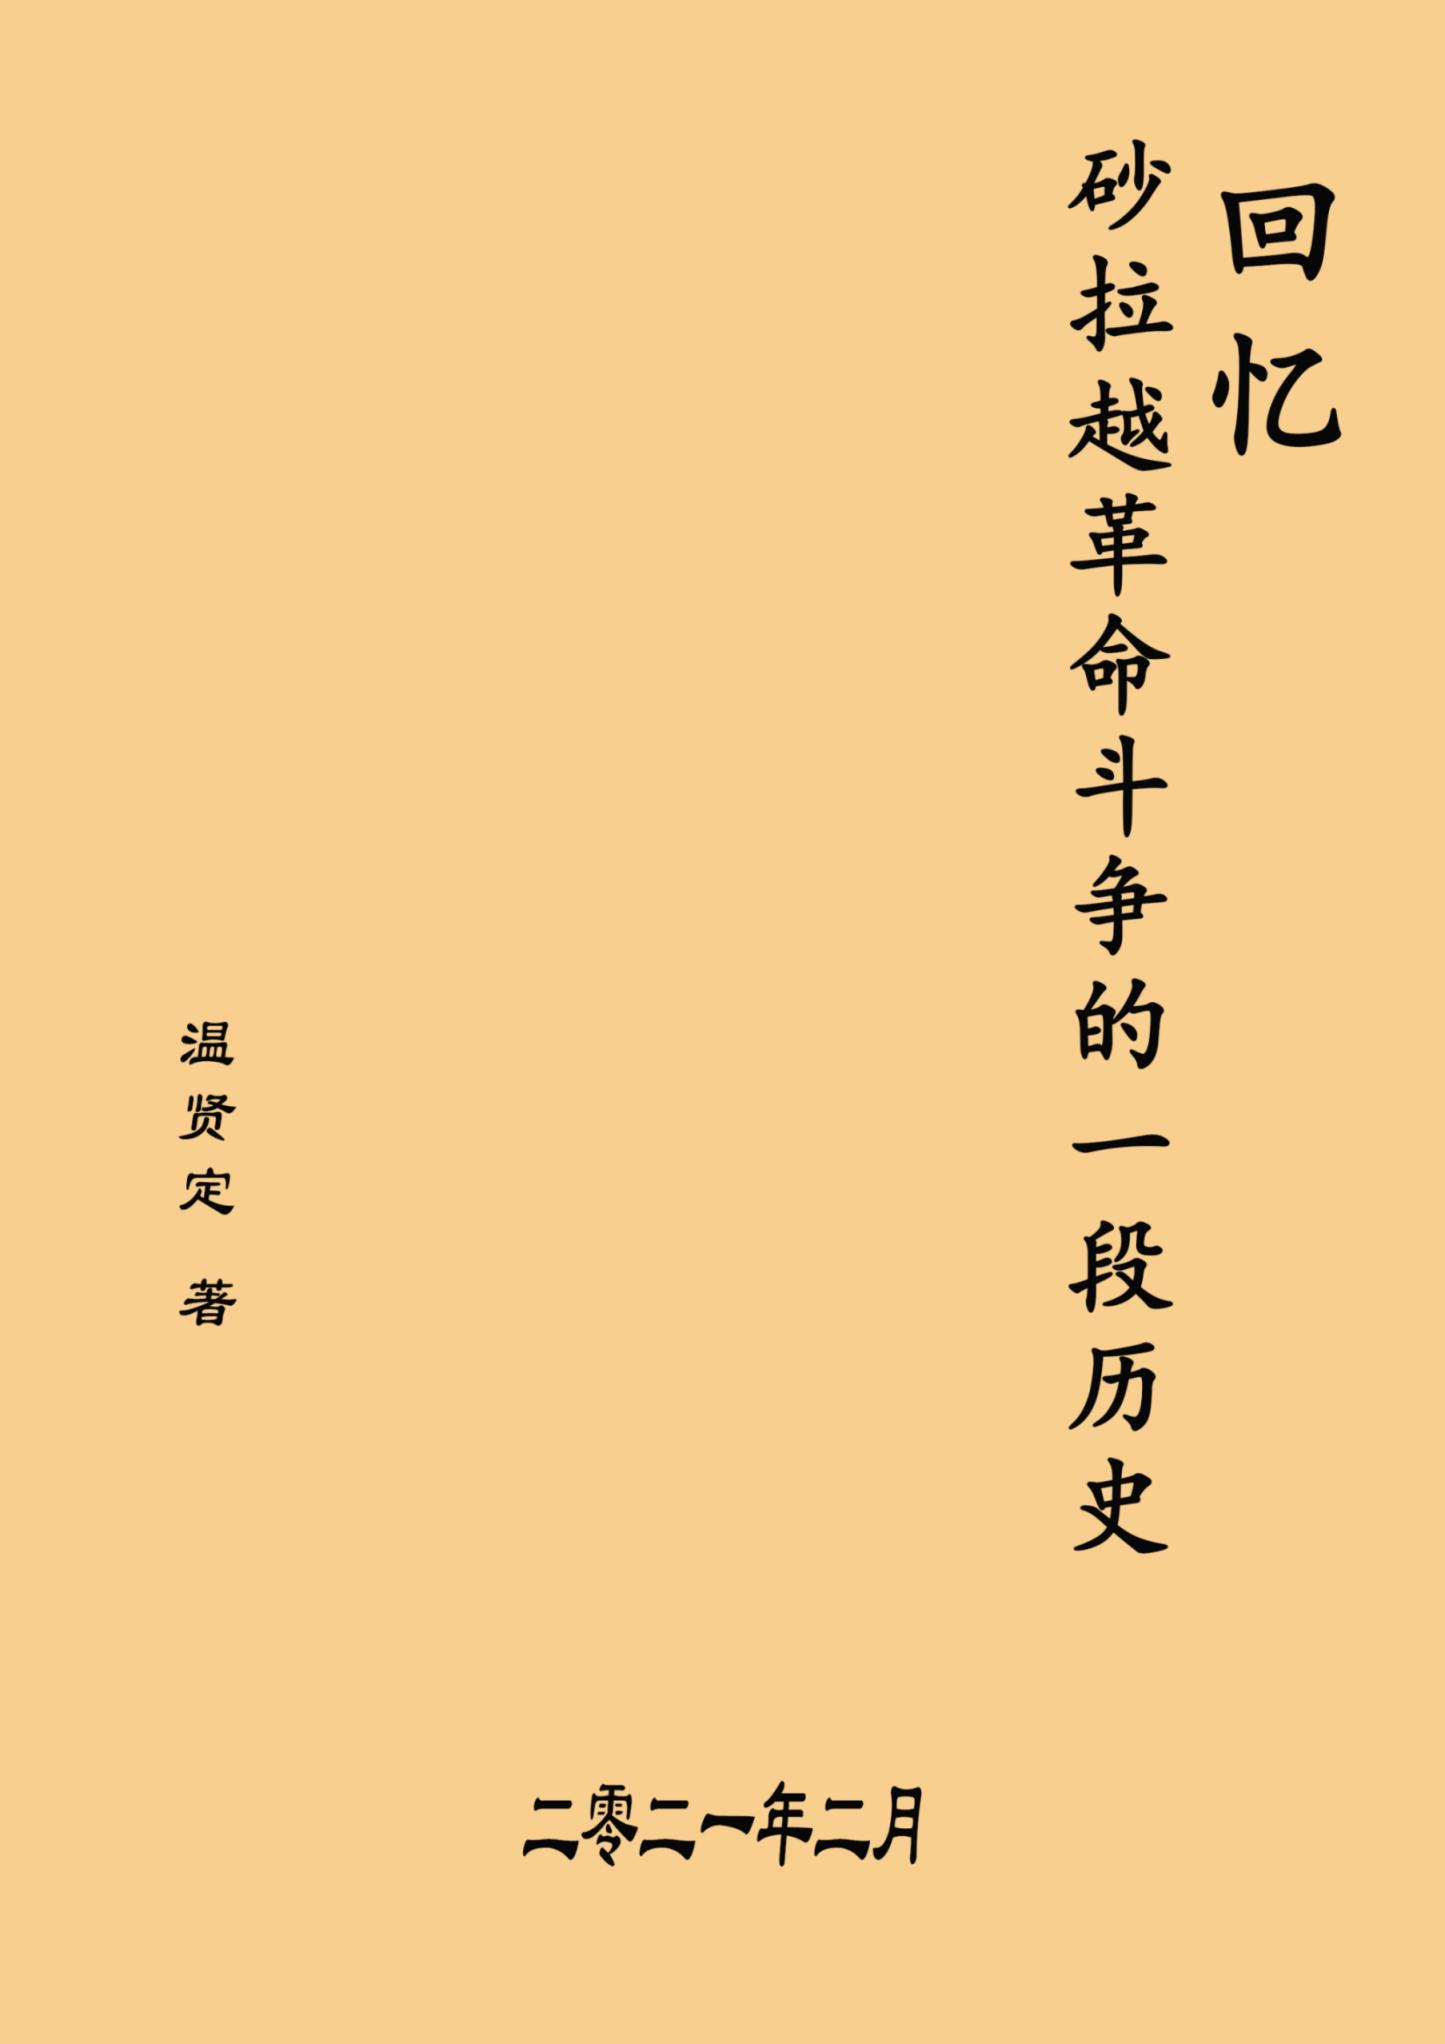 回忆砂革命斗争封面.png